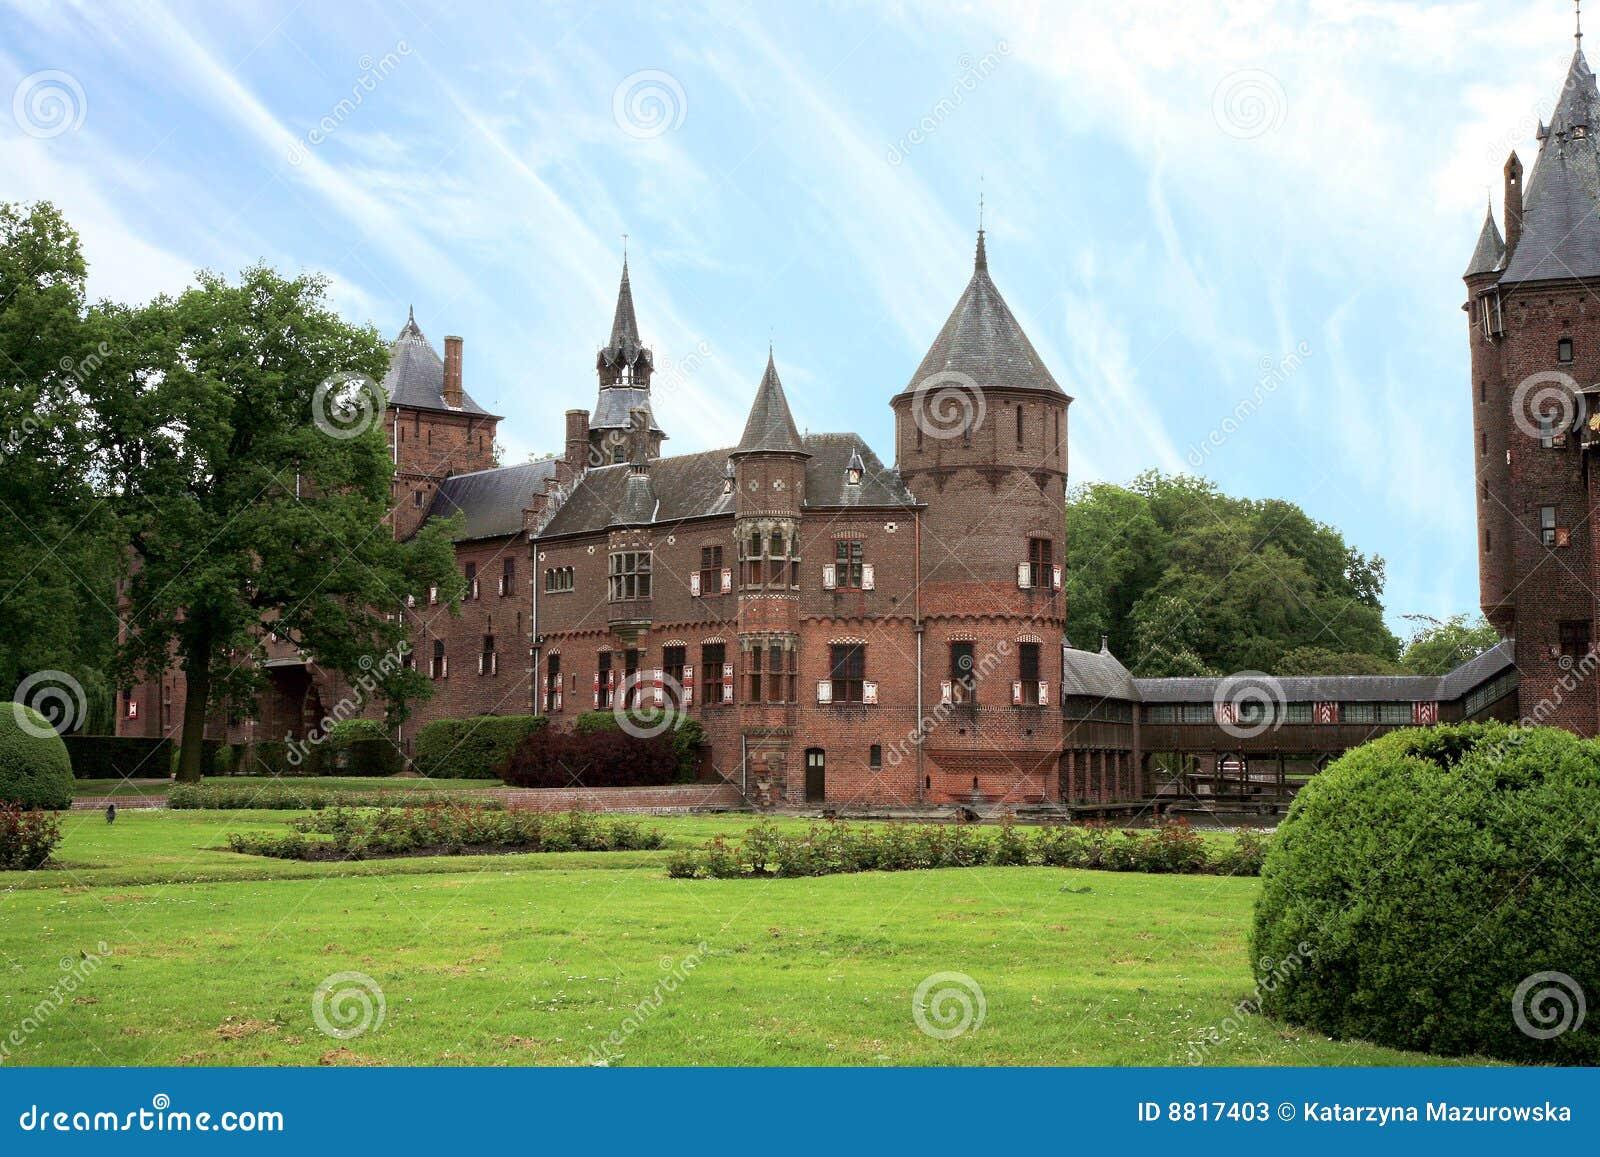 Castle De Haar, Netherlands